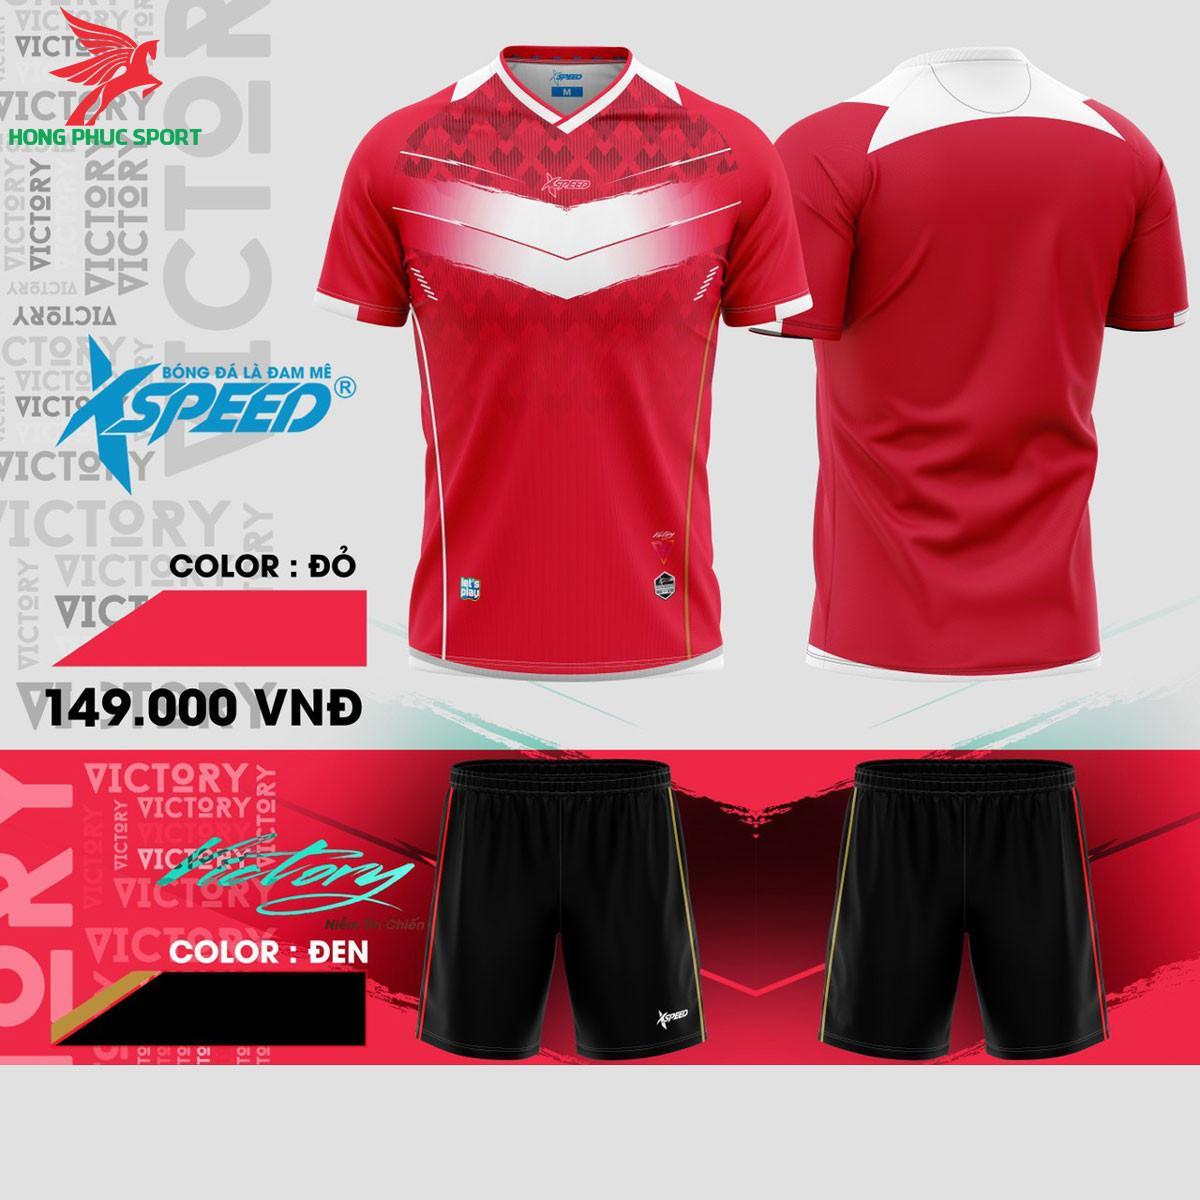 Áo đá banh không logo Xspeed S8 Đỏ